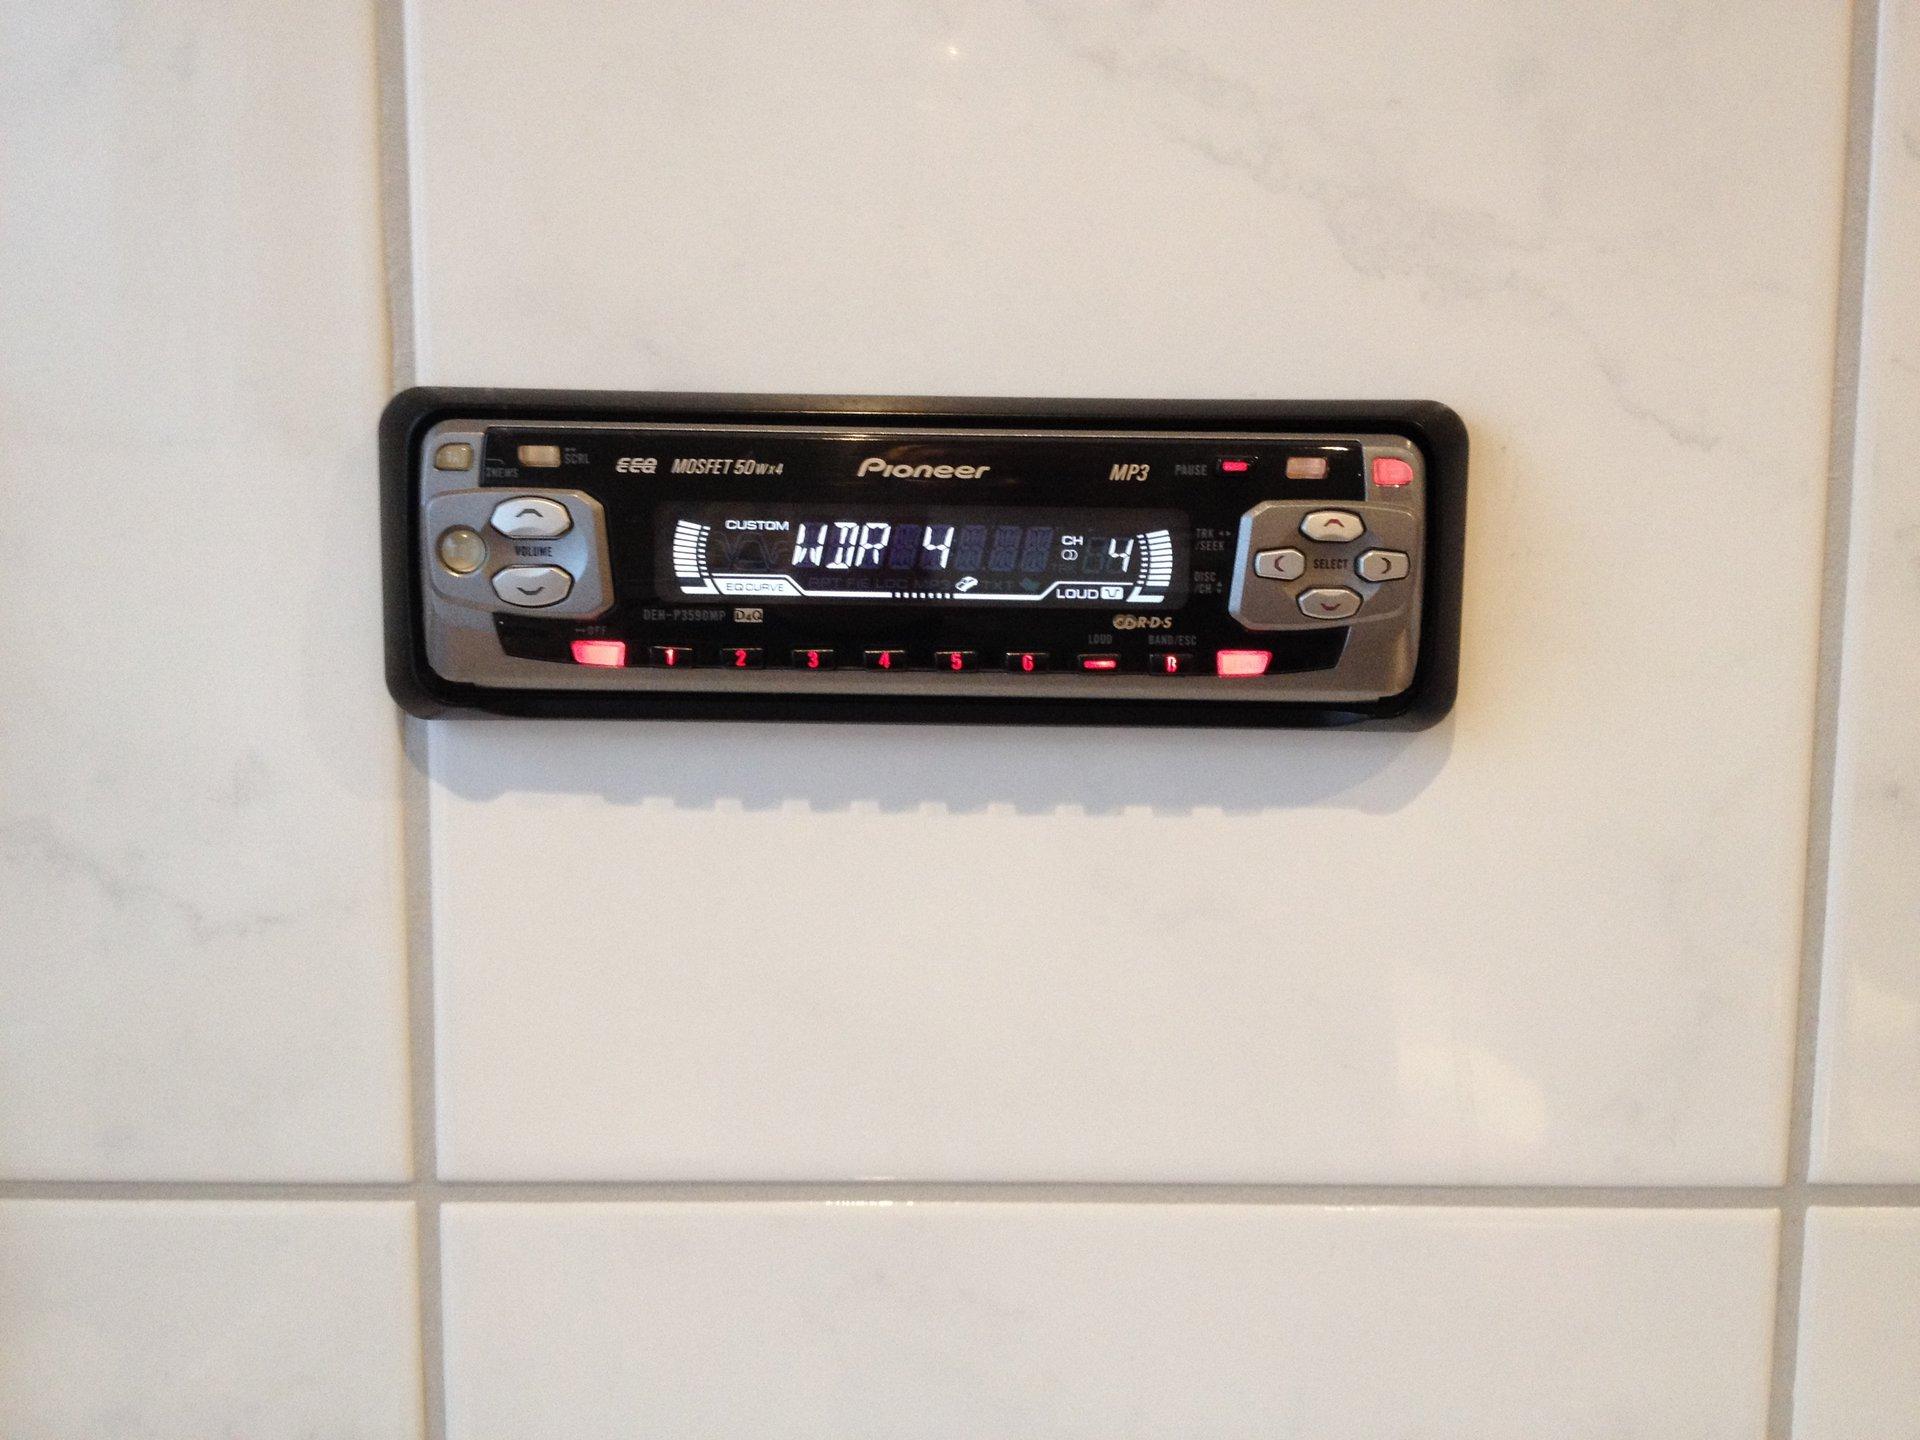 kaufempfehlung radio radiowecker uhrforum. Black Bedroom Furniture Sets. Home Design Ideas